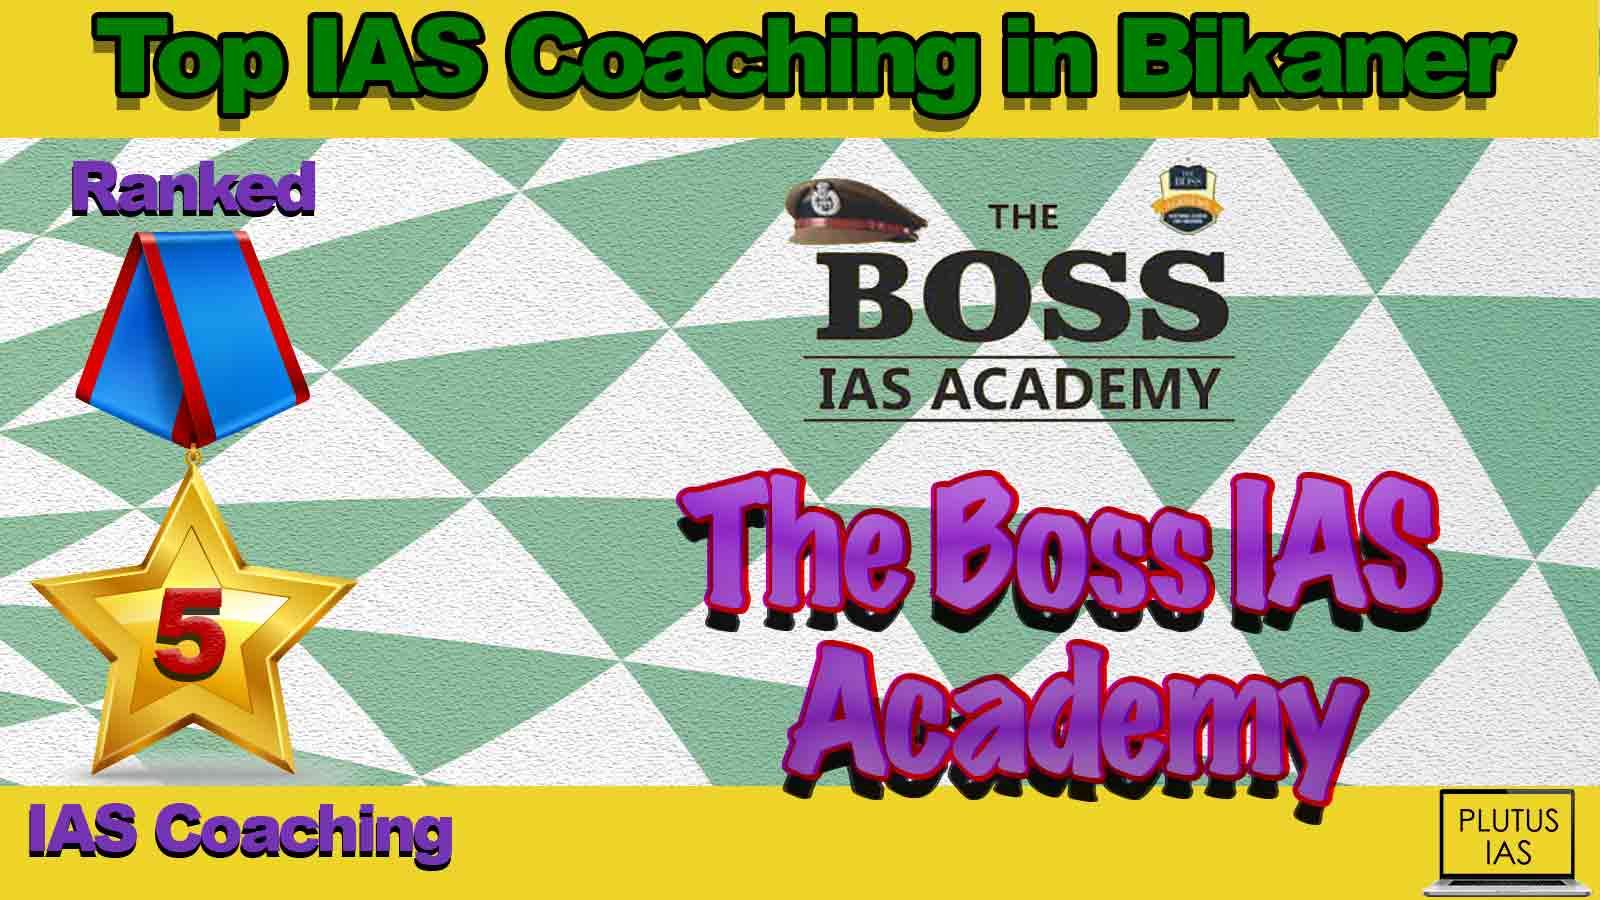 Top IAS Coaching in Bikaner